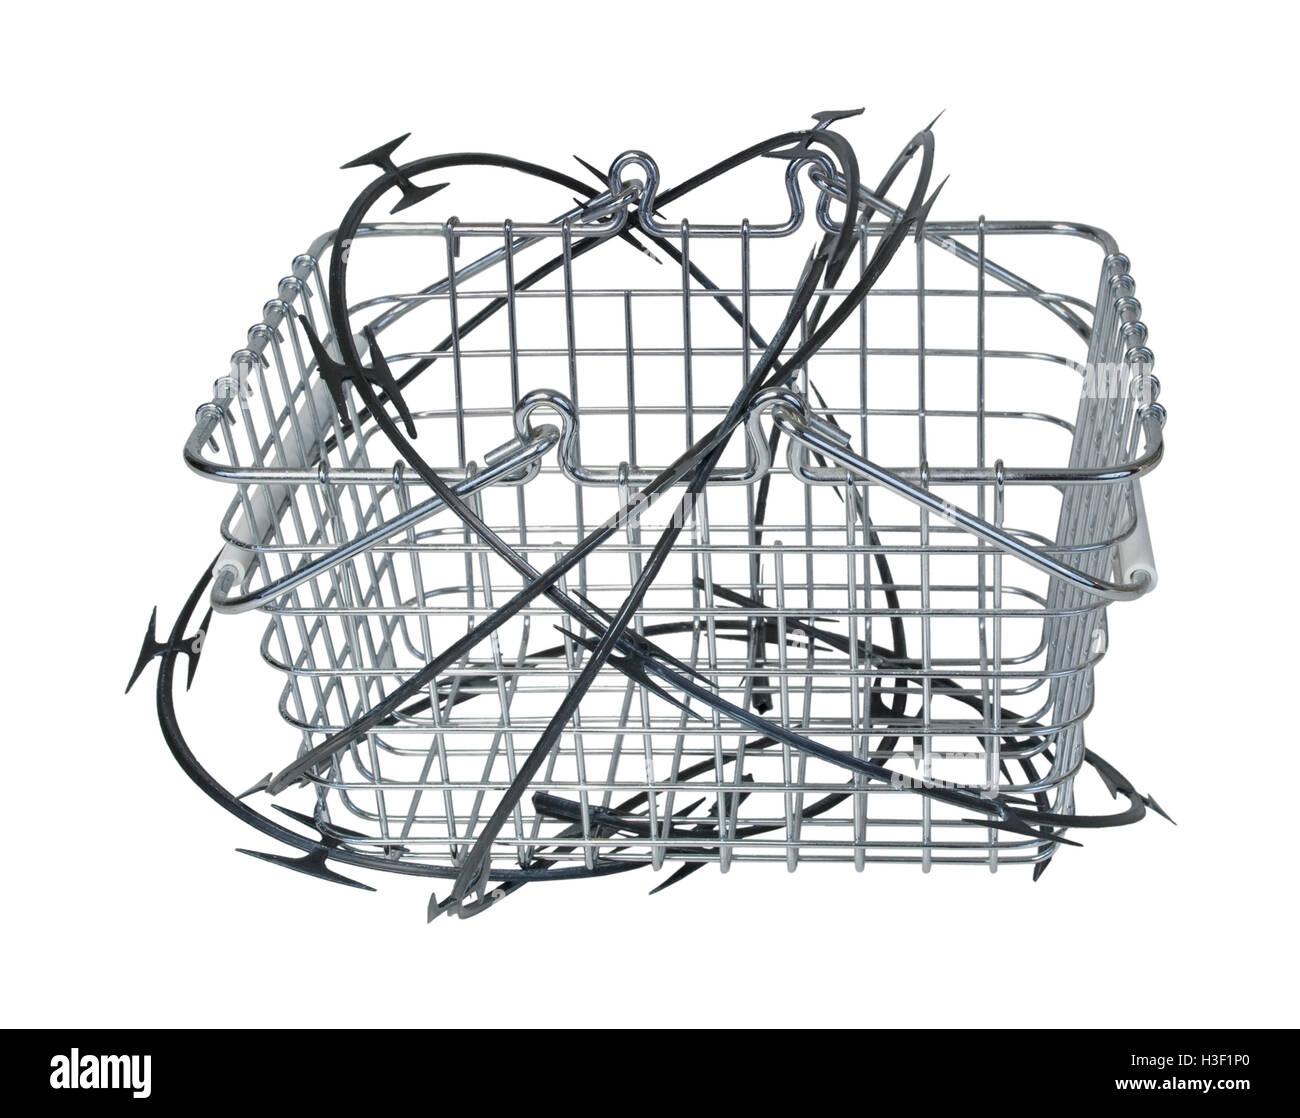 Ausgezeichnet Tribal Barbed Wire Drawings Fotos - Elektrische ...